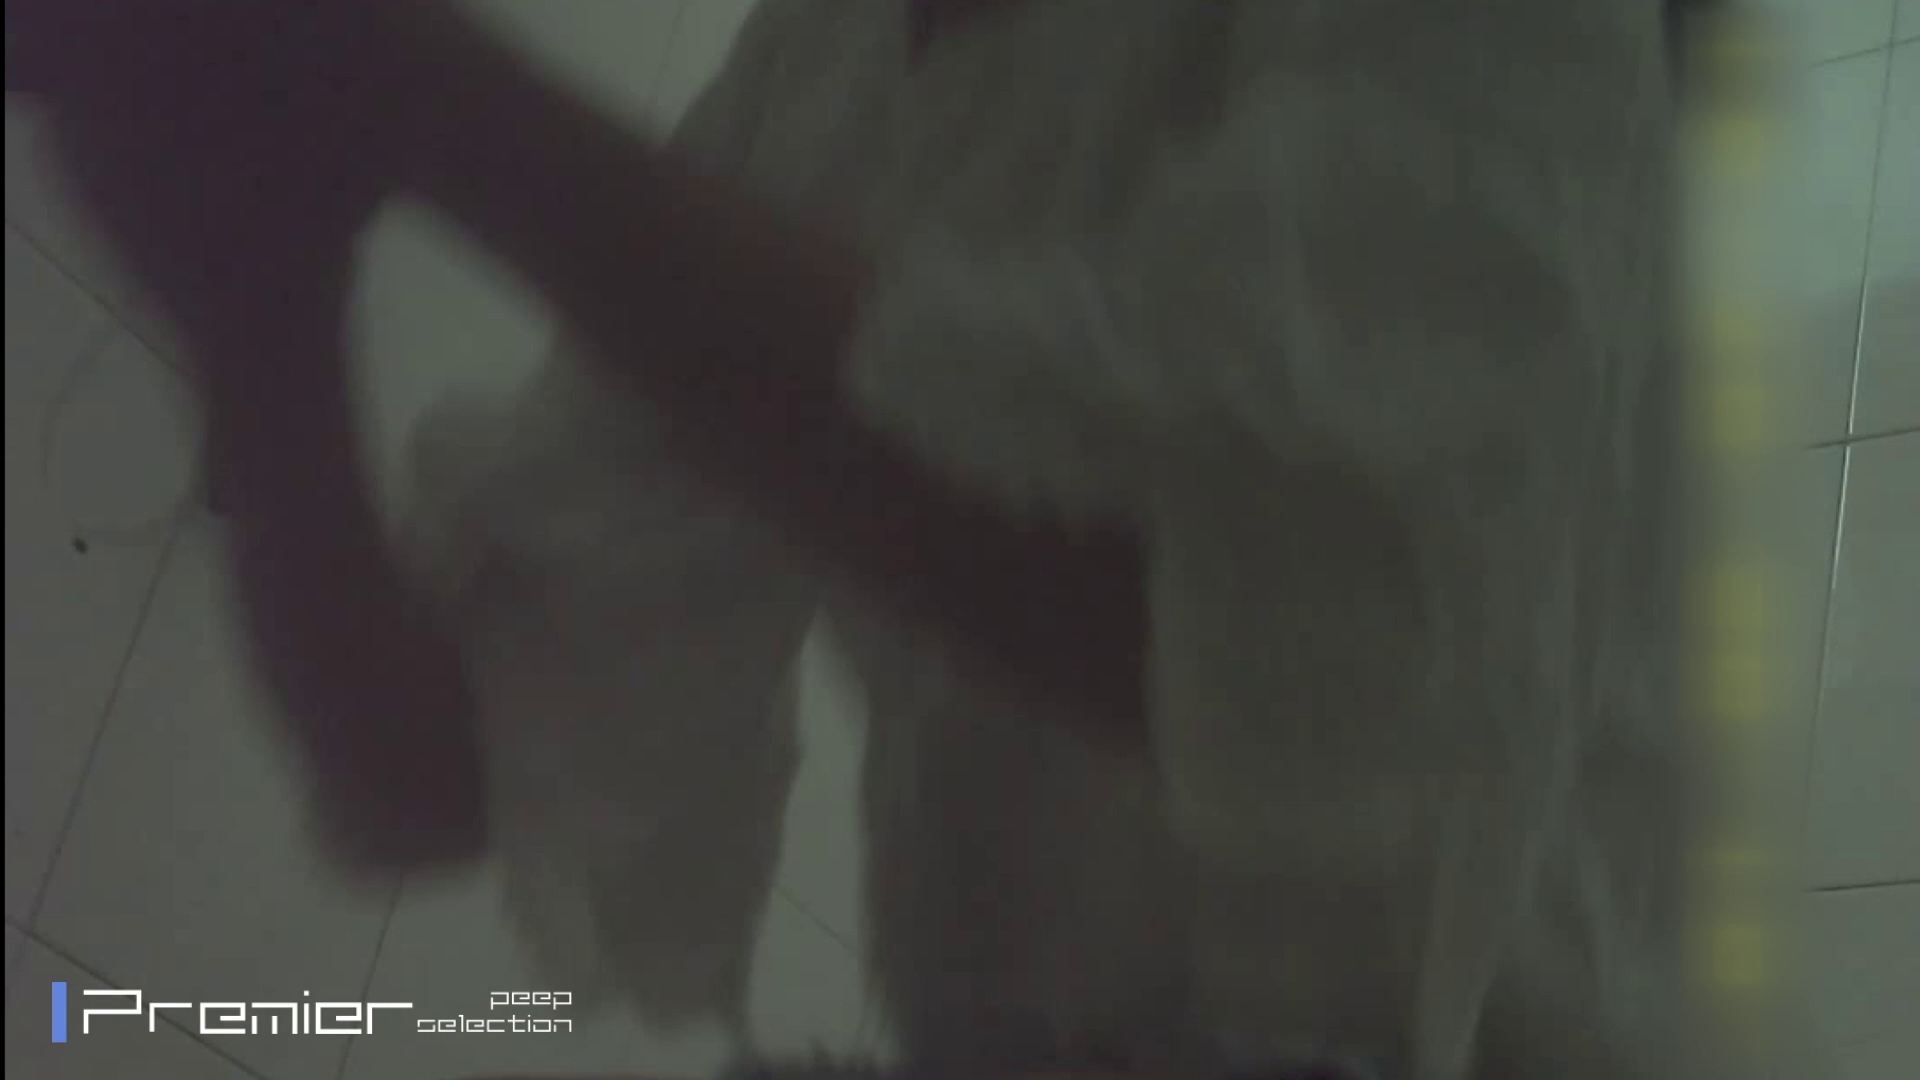 トイレシーンを密着盗撮!! 美女の痴態に密着!Vol.30 トイレ  61pic 50